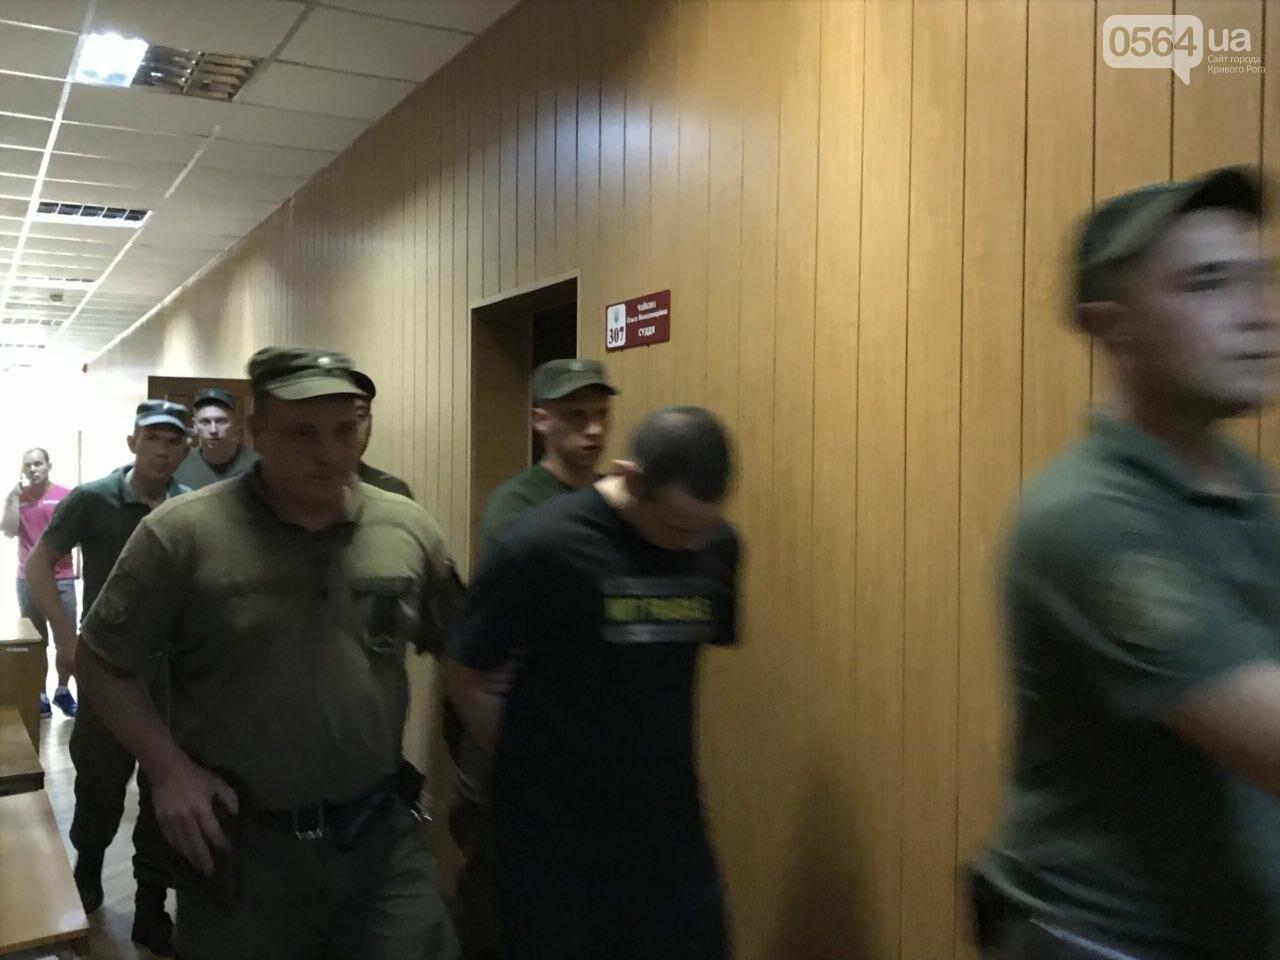 В Кривом Роге перенесли суд по делу о похищении и убийстве 20-летнего студента, - ФОТО, фото-4